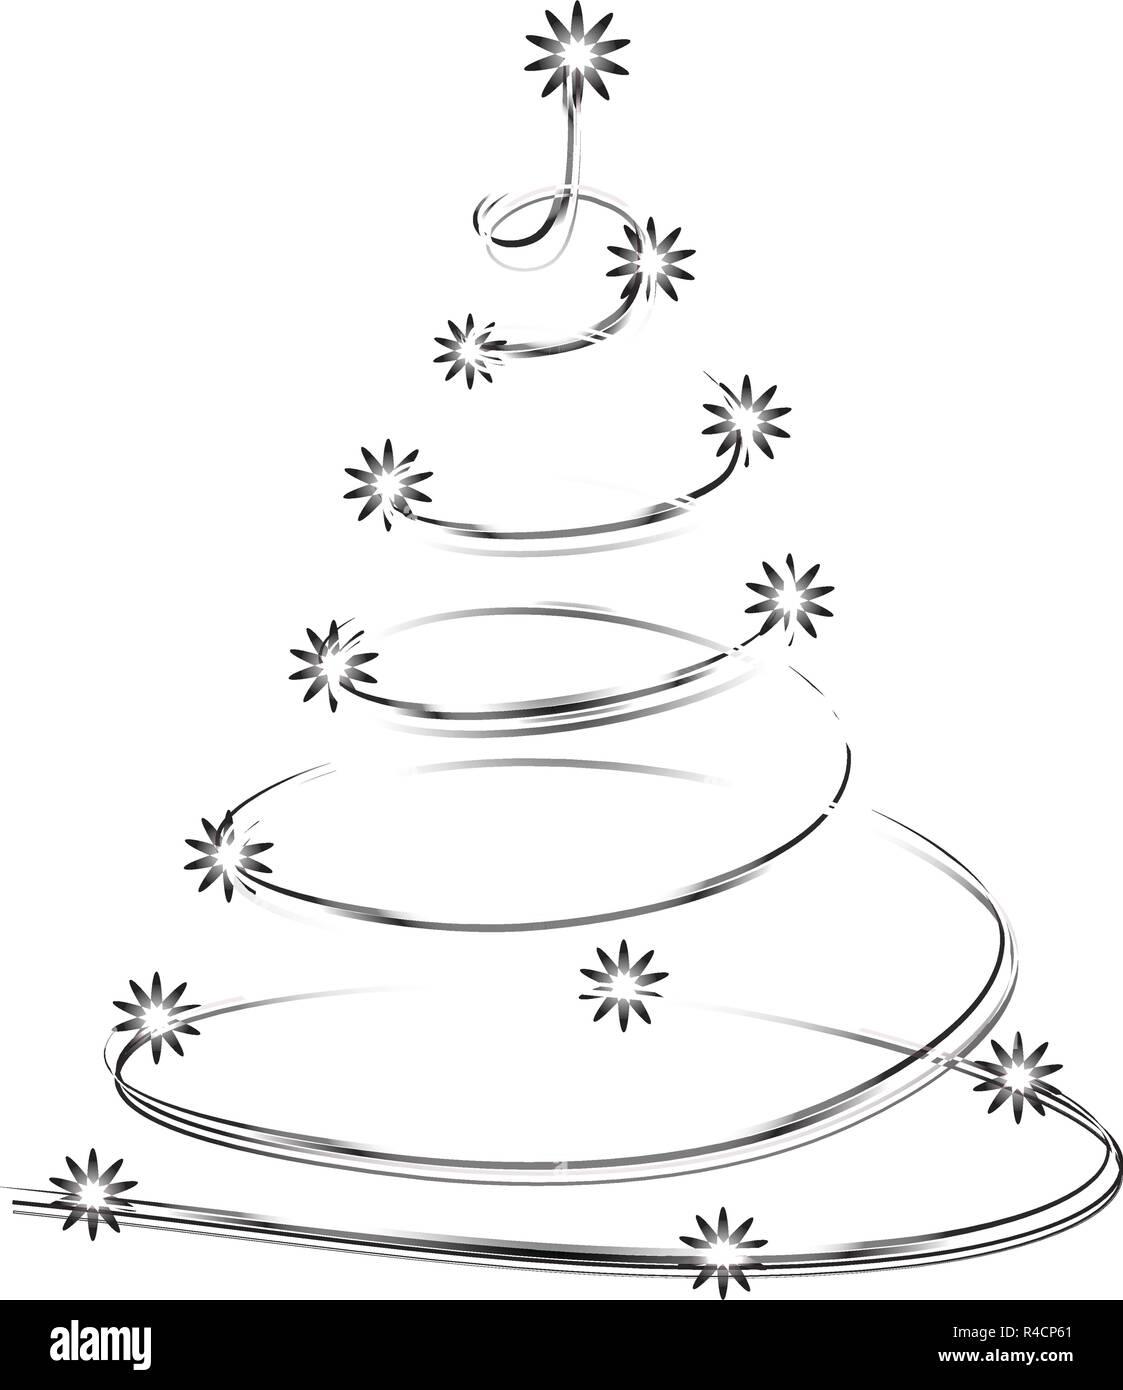 https www alamyimages fr forme d arbre de noel de l etoile brillante silhouette faite arbre genealogique neon vecteur isole sur fond blanc arbre de noel pour concevoir carte invitation imprimer image226474249 html